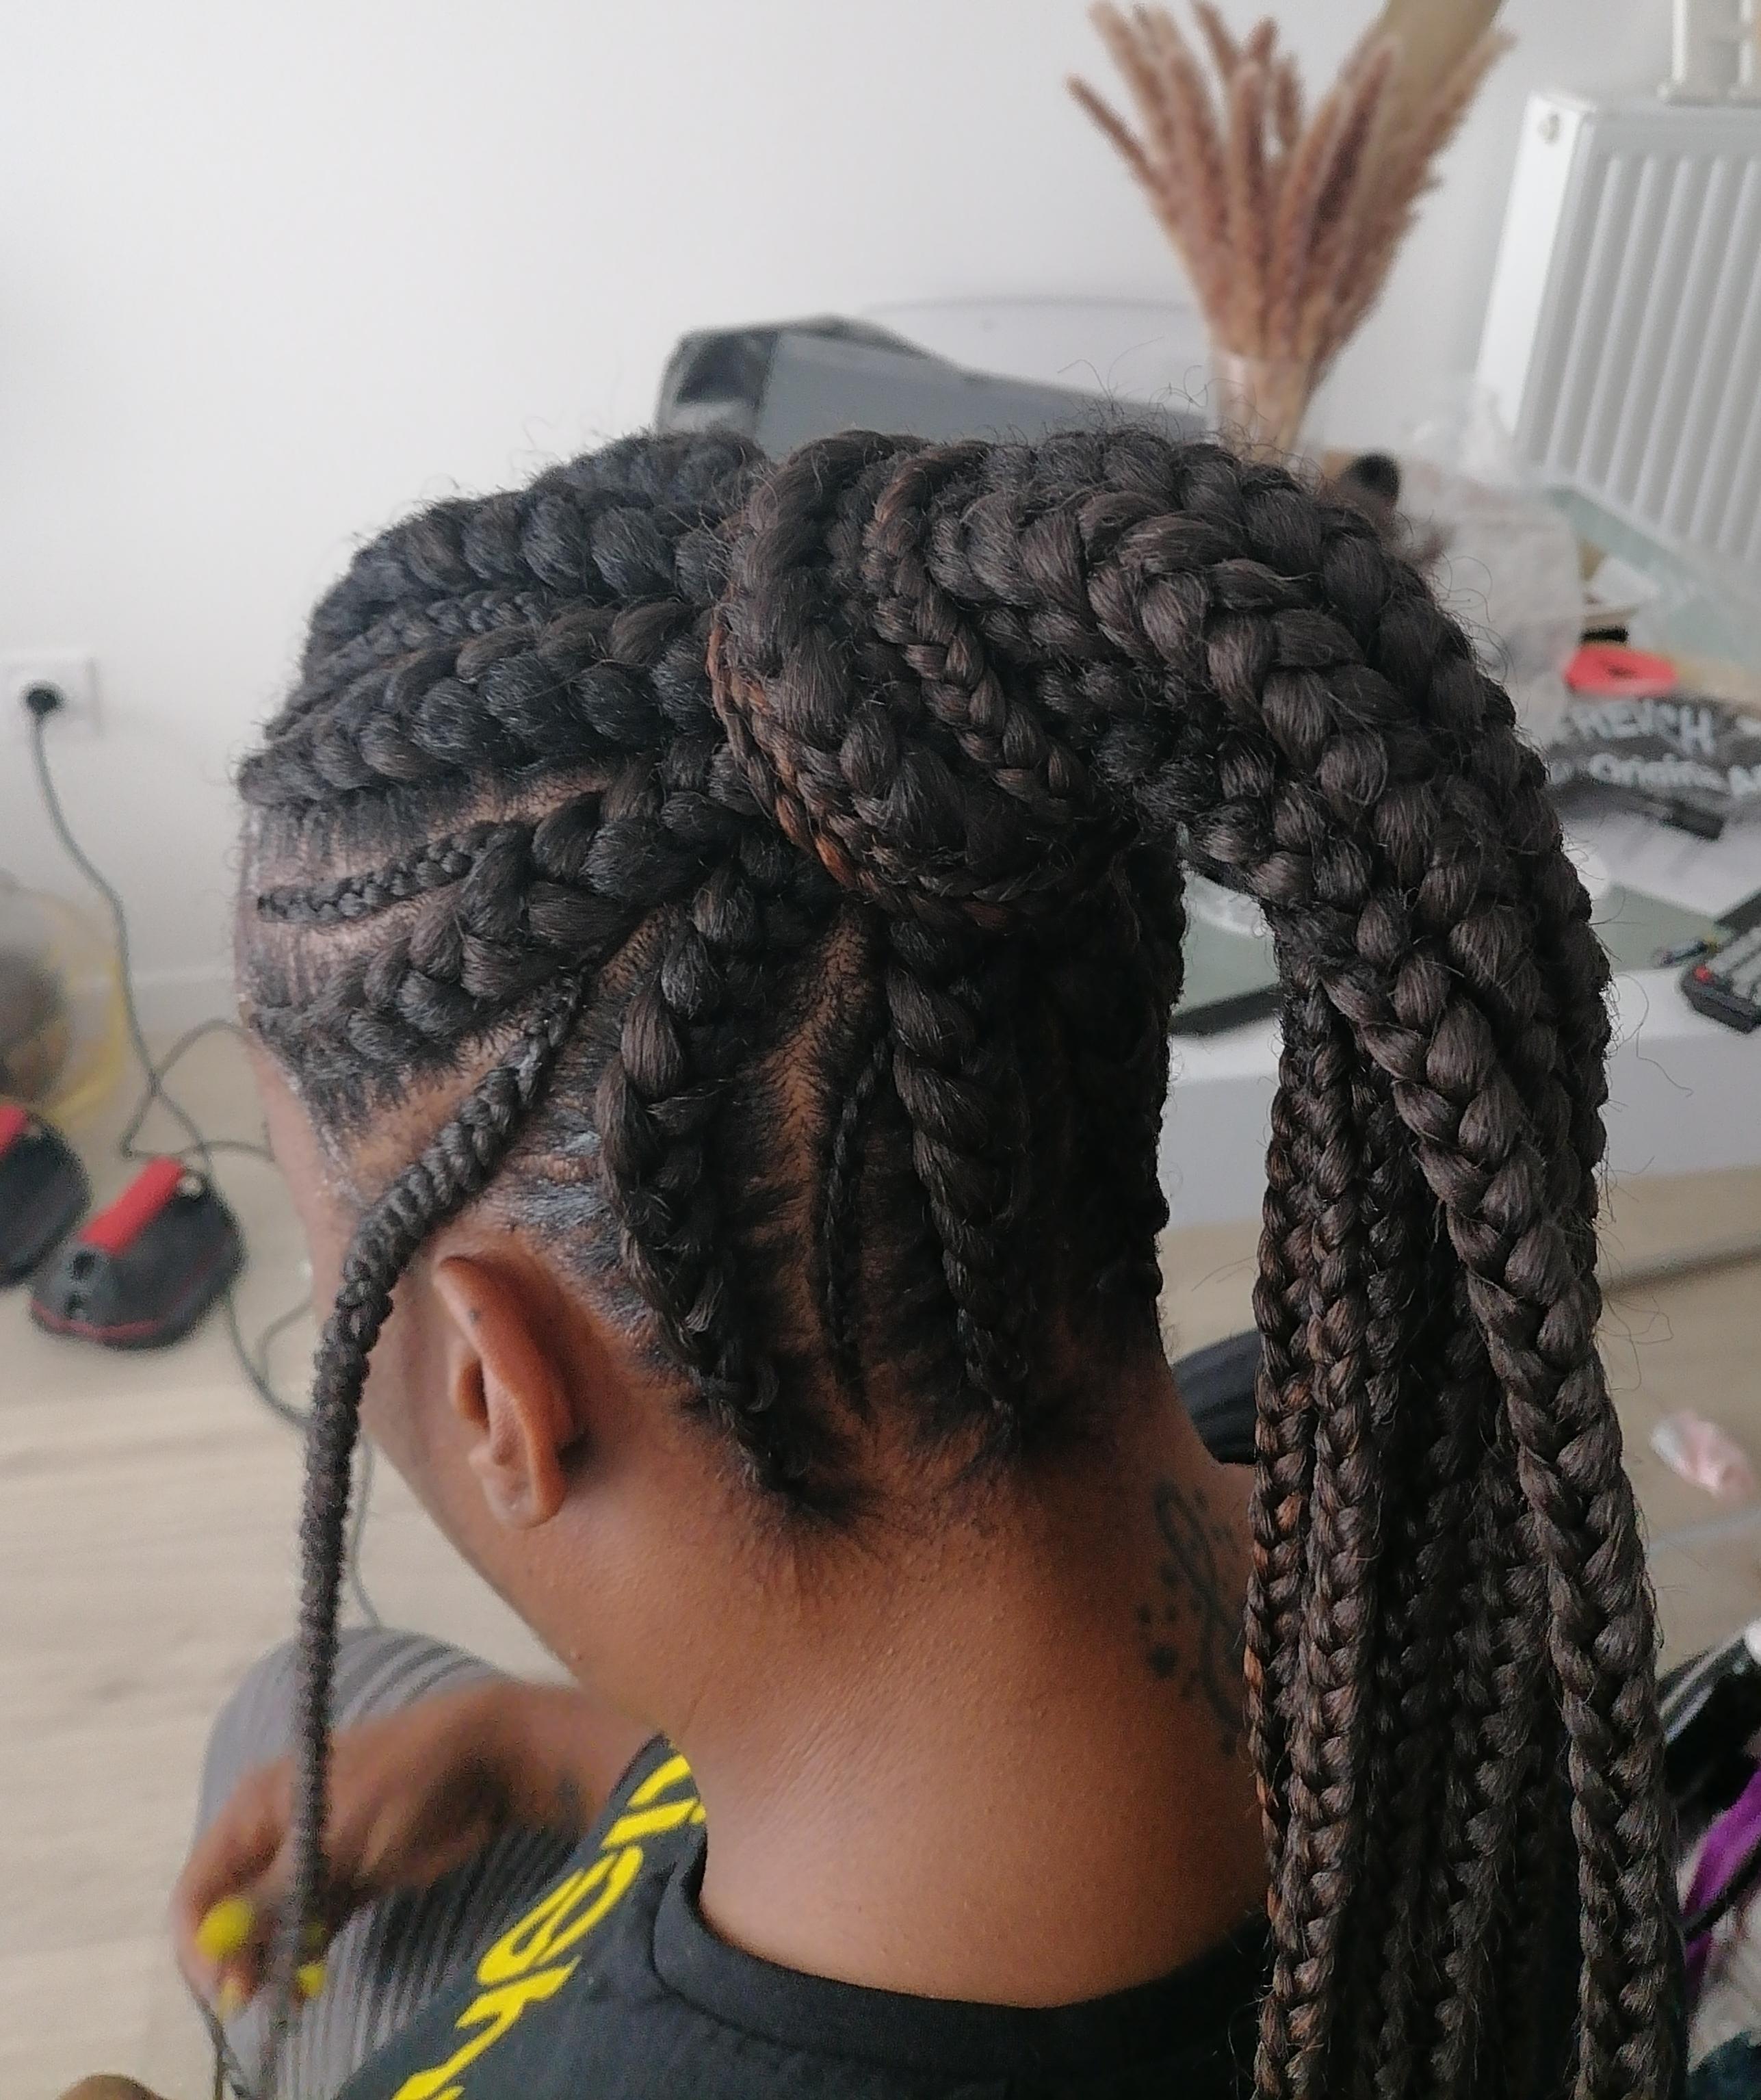 salon de coiffure afro tresse tresses box braids crochet braids vanilles tissages paris 75 77 78 91 92 93 94 95 TYPGUWTG